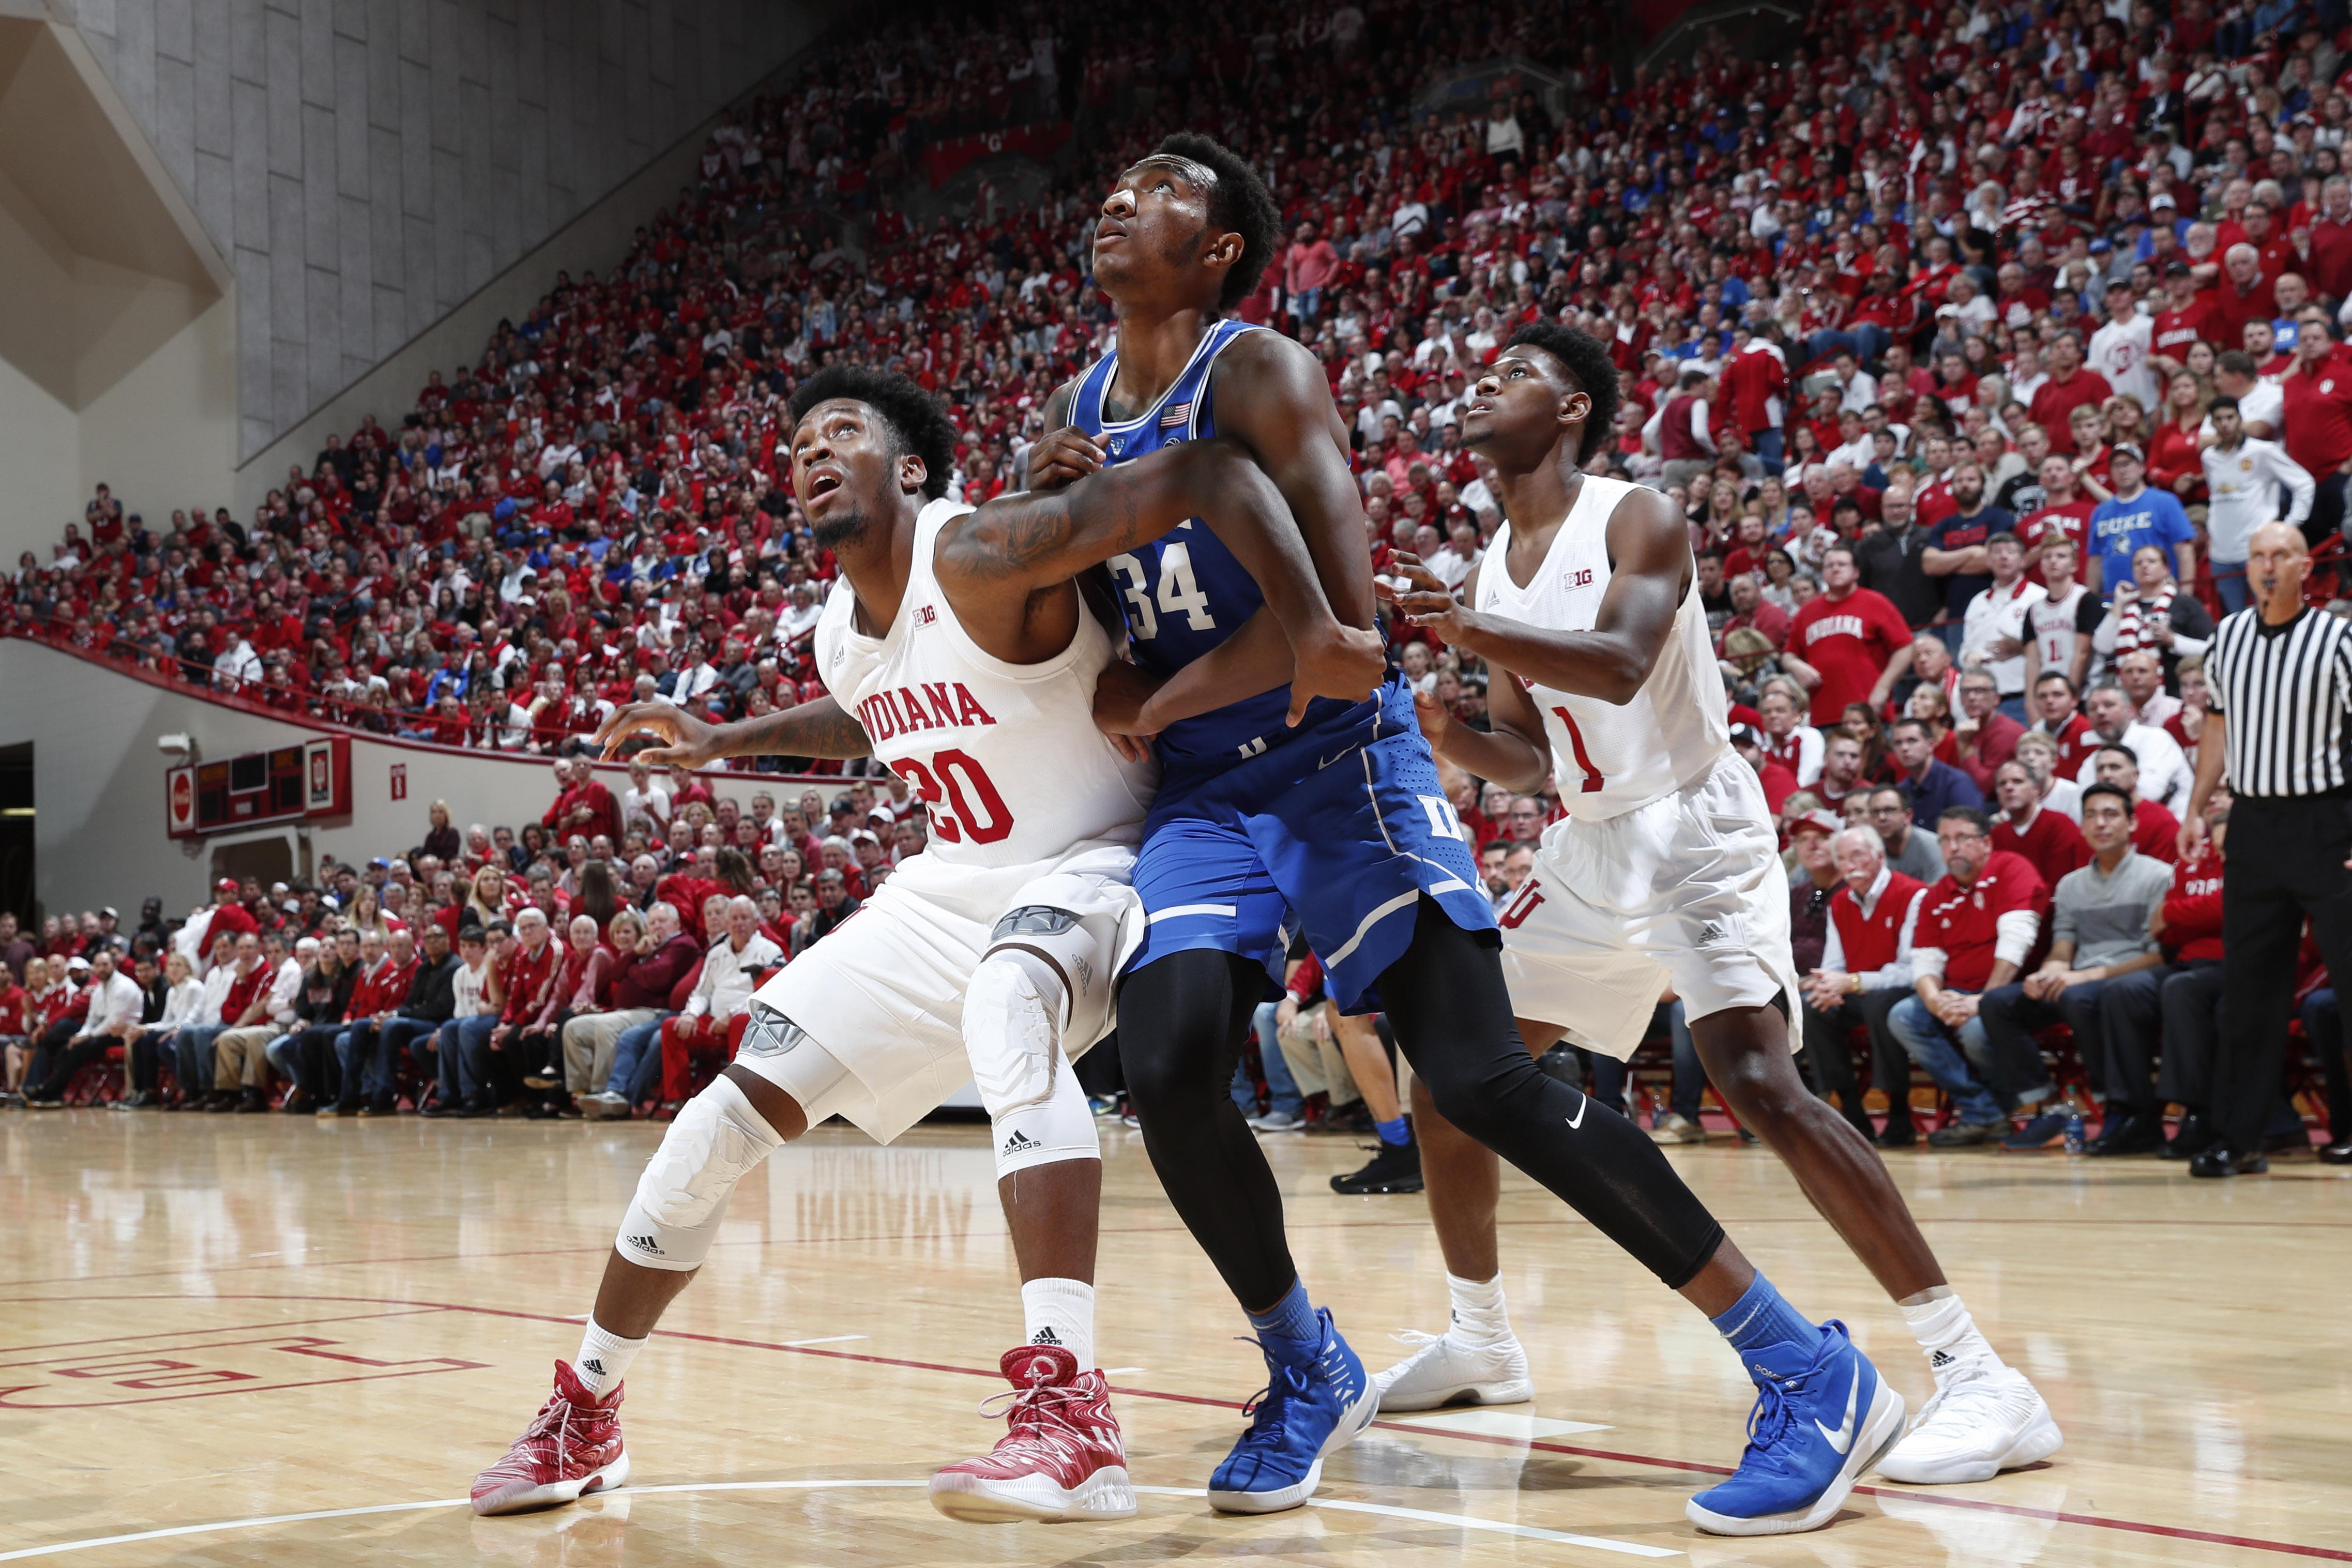 Duke at Indiana image